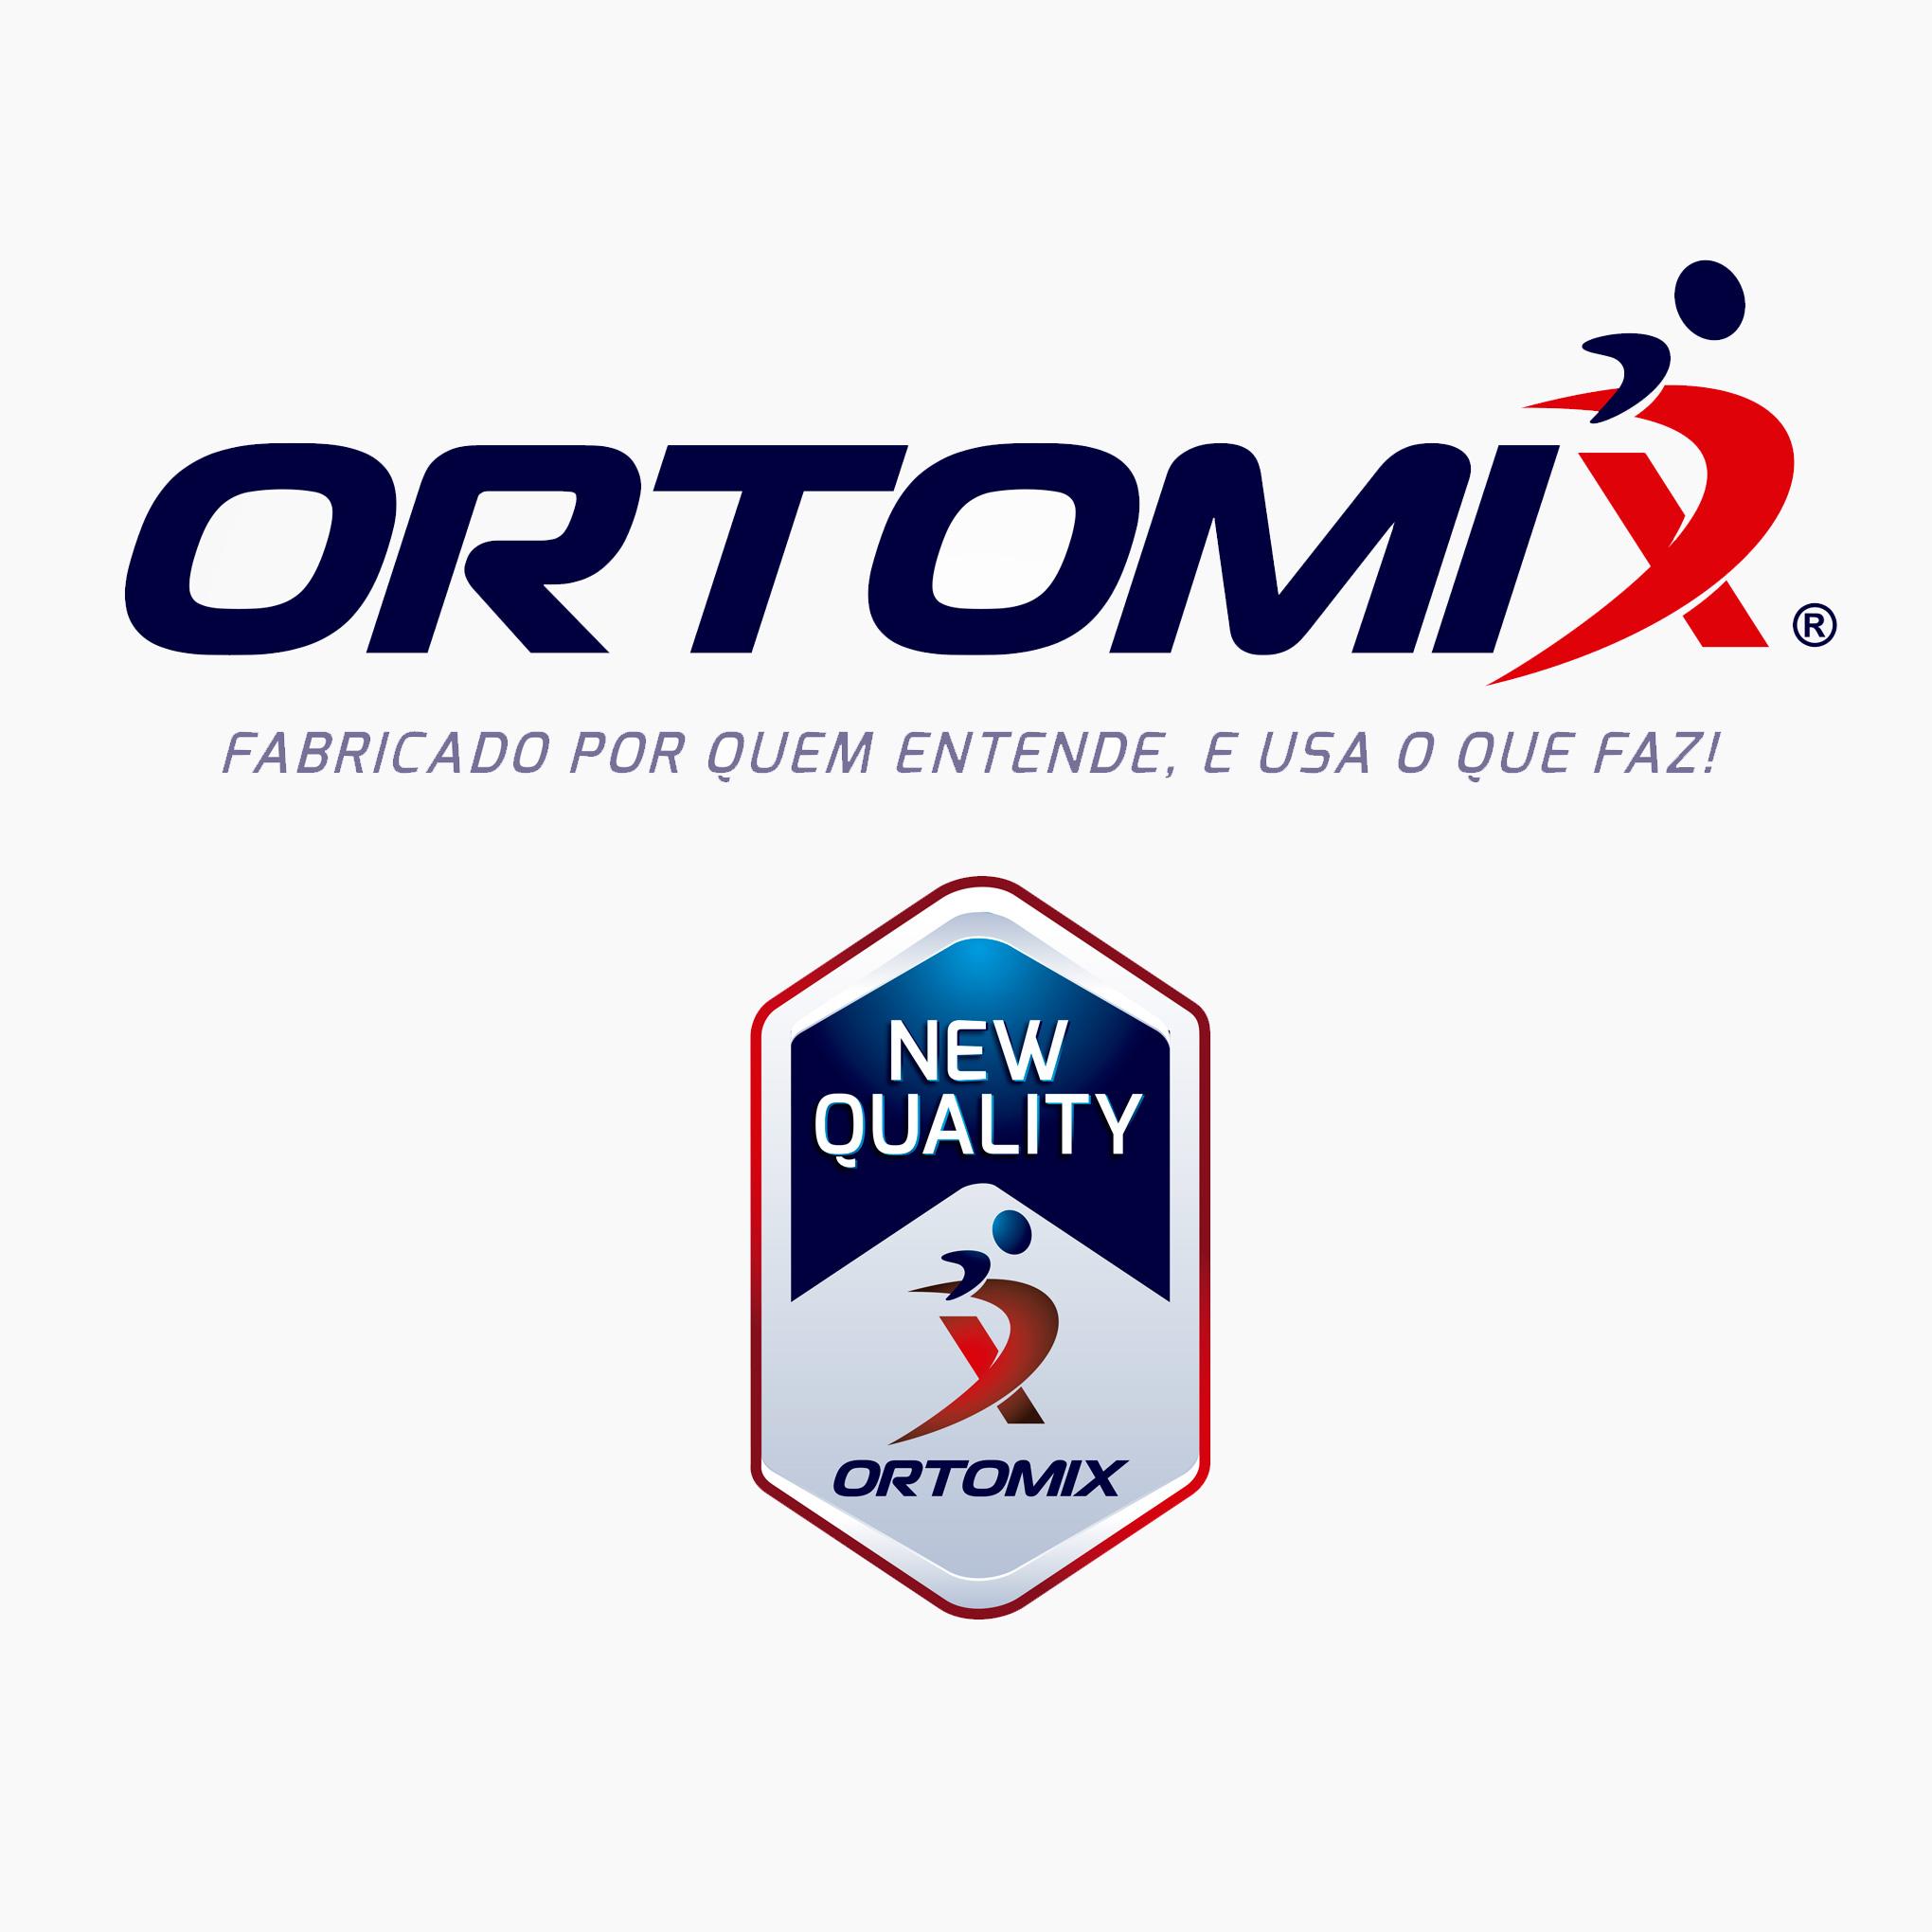 Ortomix